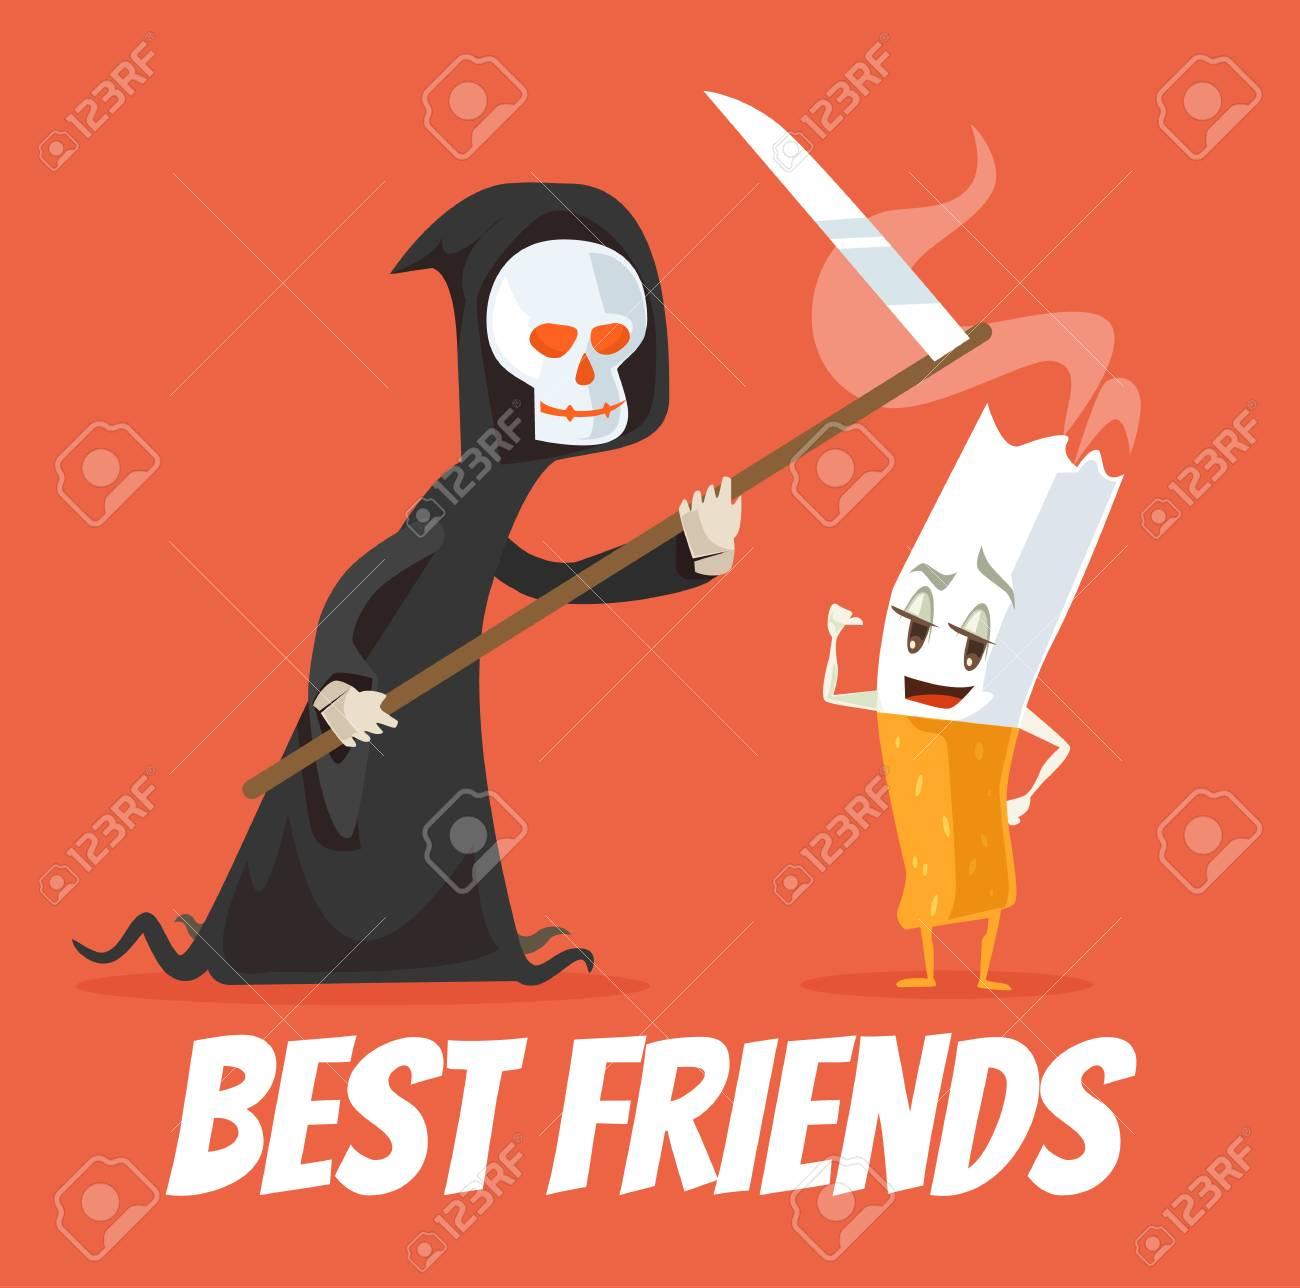 Los Mejores Amigos De Muerte Y Personajes De Cigarrillos Vector